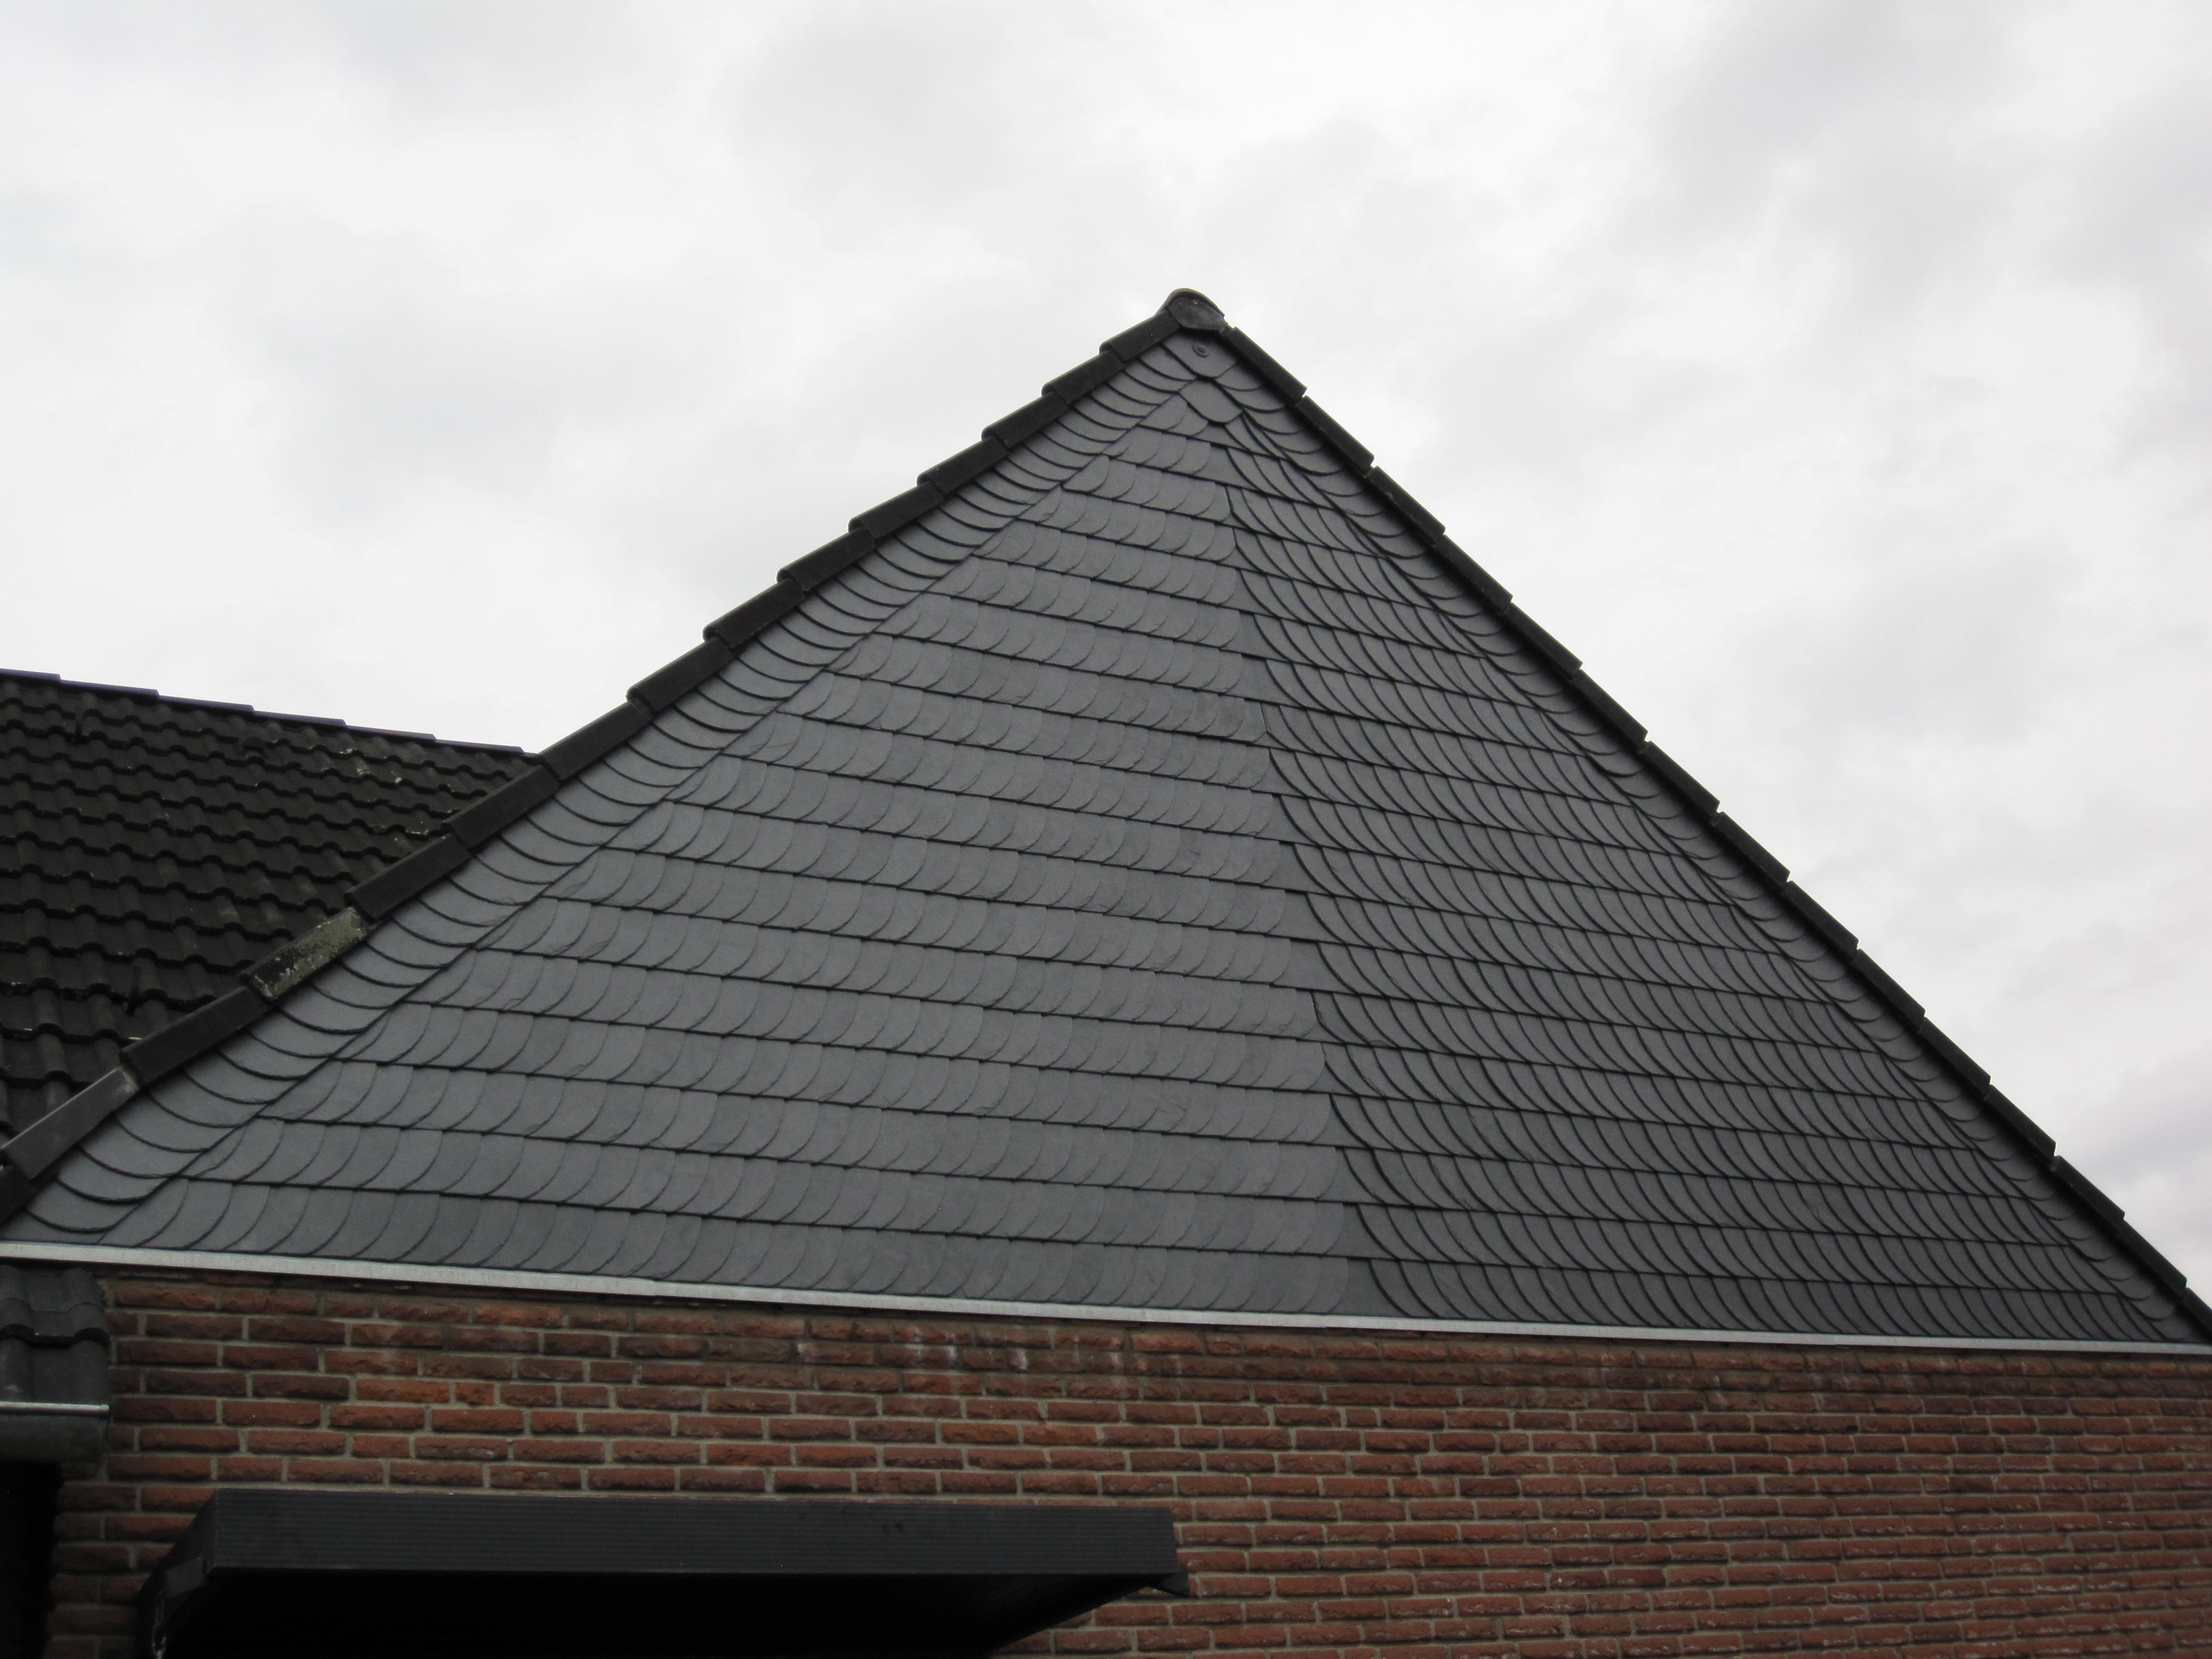 Steildach | Dachtechnik Pohl - Dachdecker in Moers, Duisburg & Umgebung